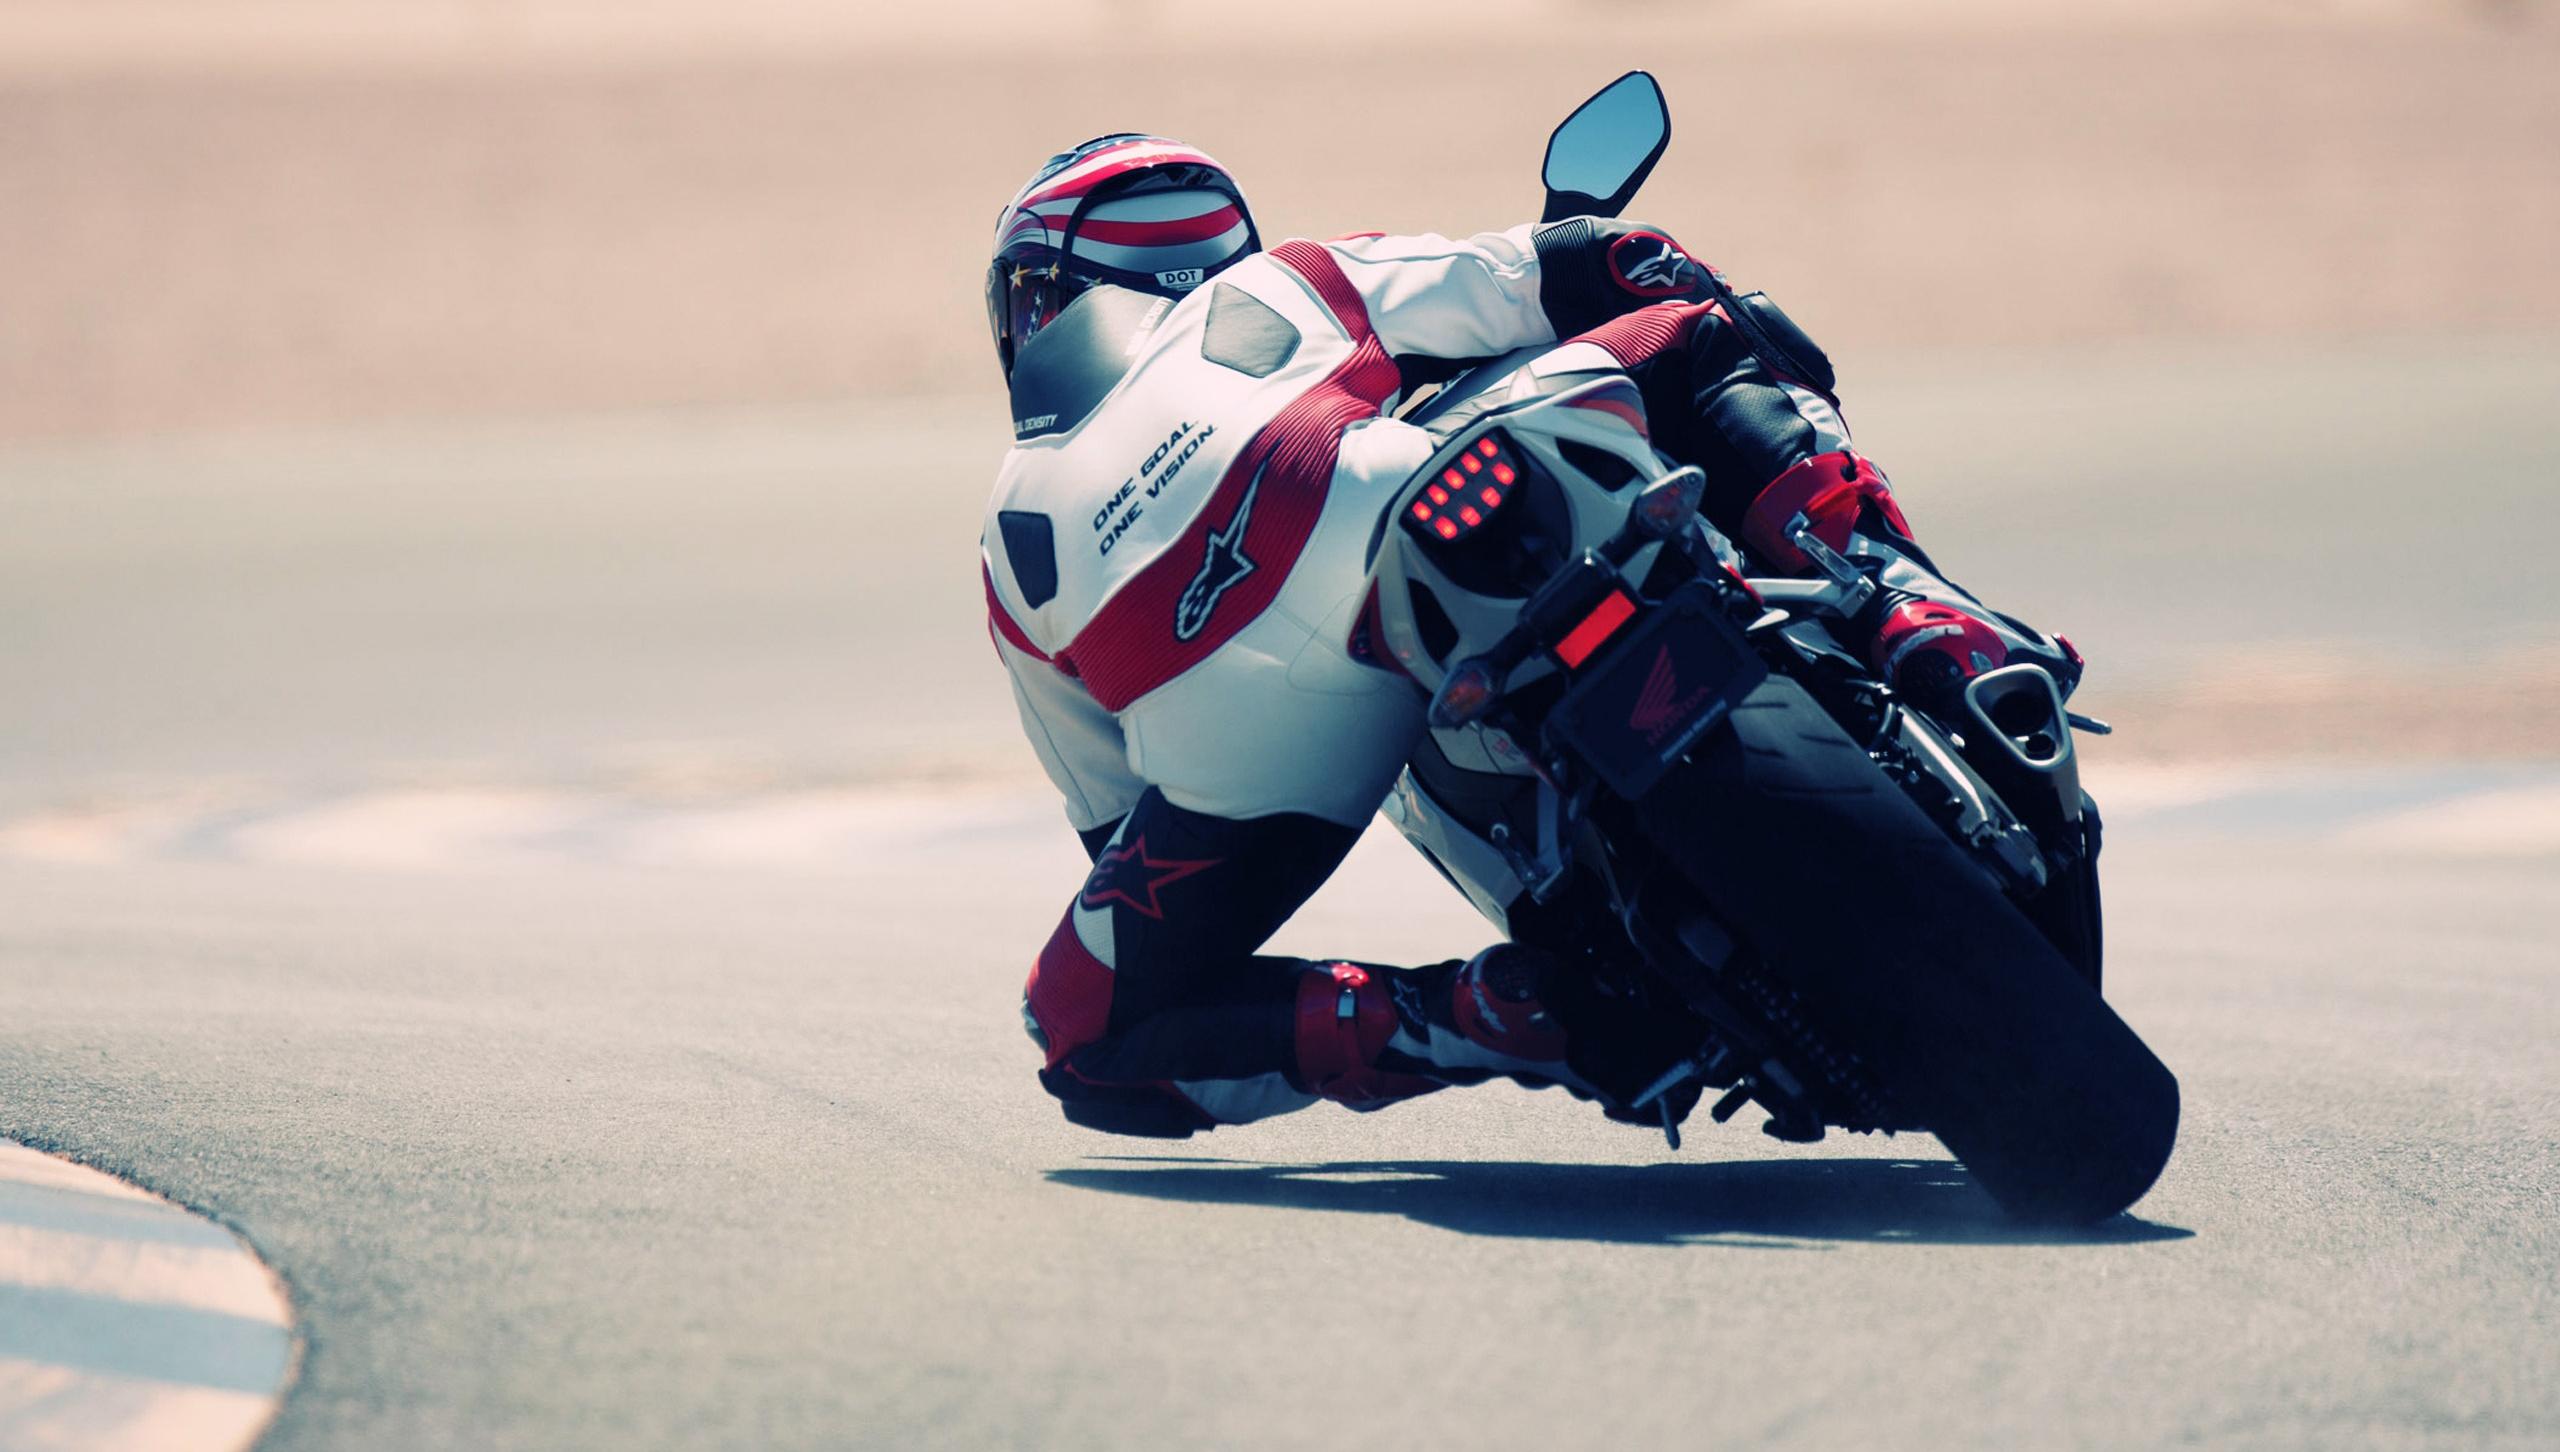 спорт мотоциклы без смс